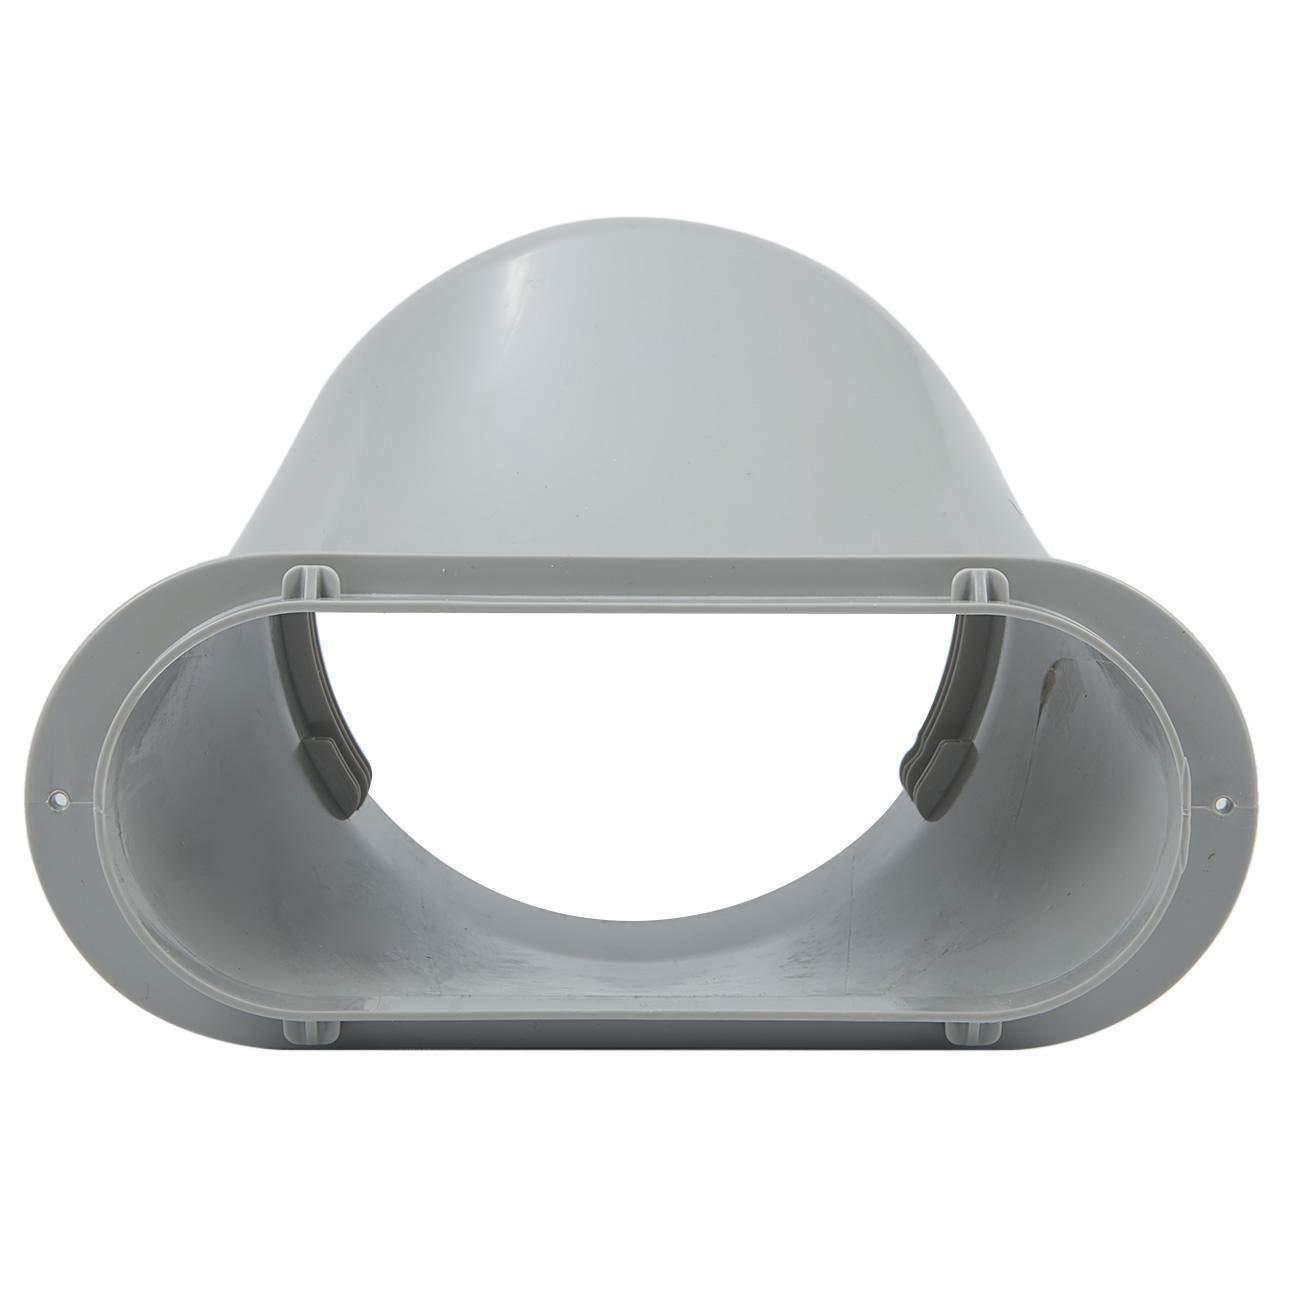 Kit di Scorrimento per Finestra Regolabile connettore per Tubo di Scarico per condizionatore Portatile 15 cm TOPAUP Topopup